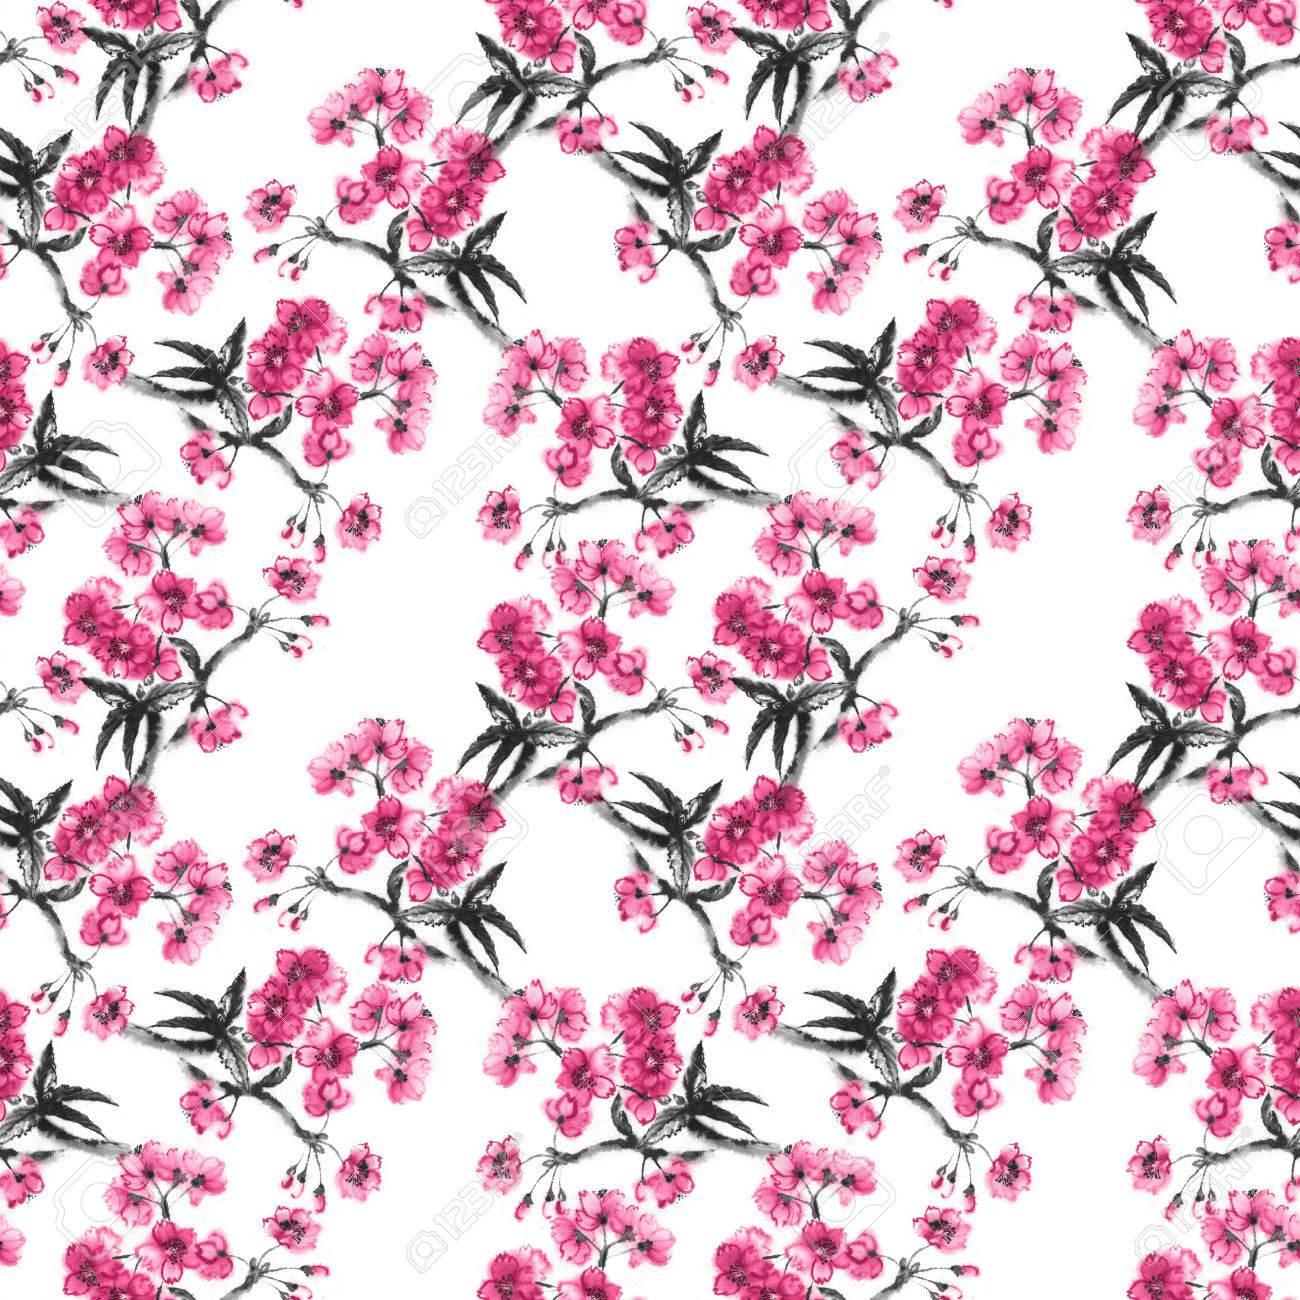 Branches de fleurs de cerisier, fond transparent, peinture à l\u0027encre  orientée à la main, motif sakura style sumi,e.